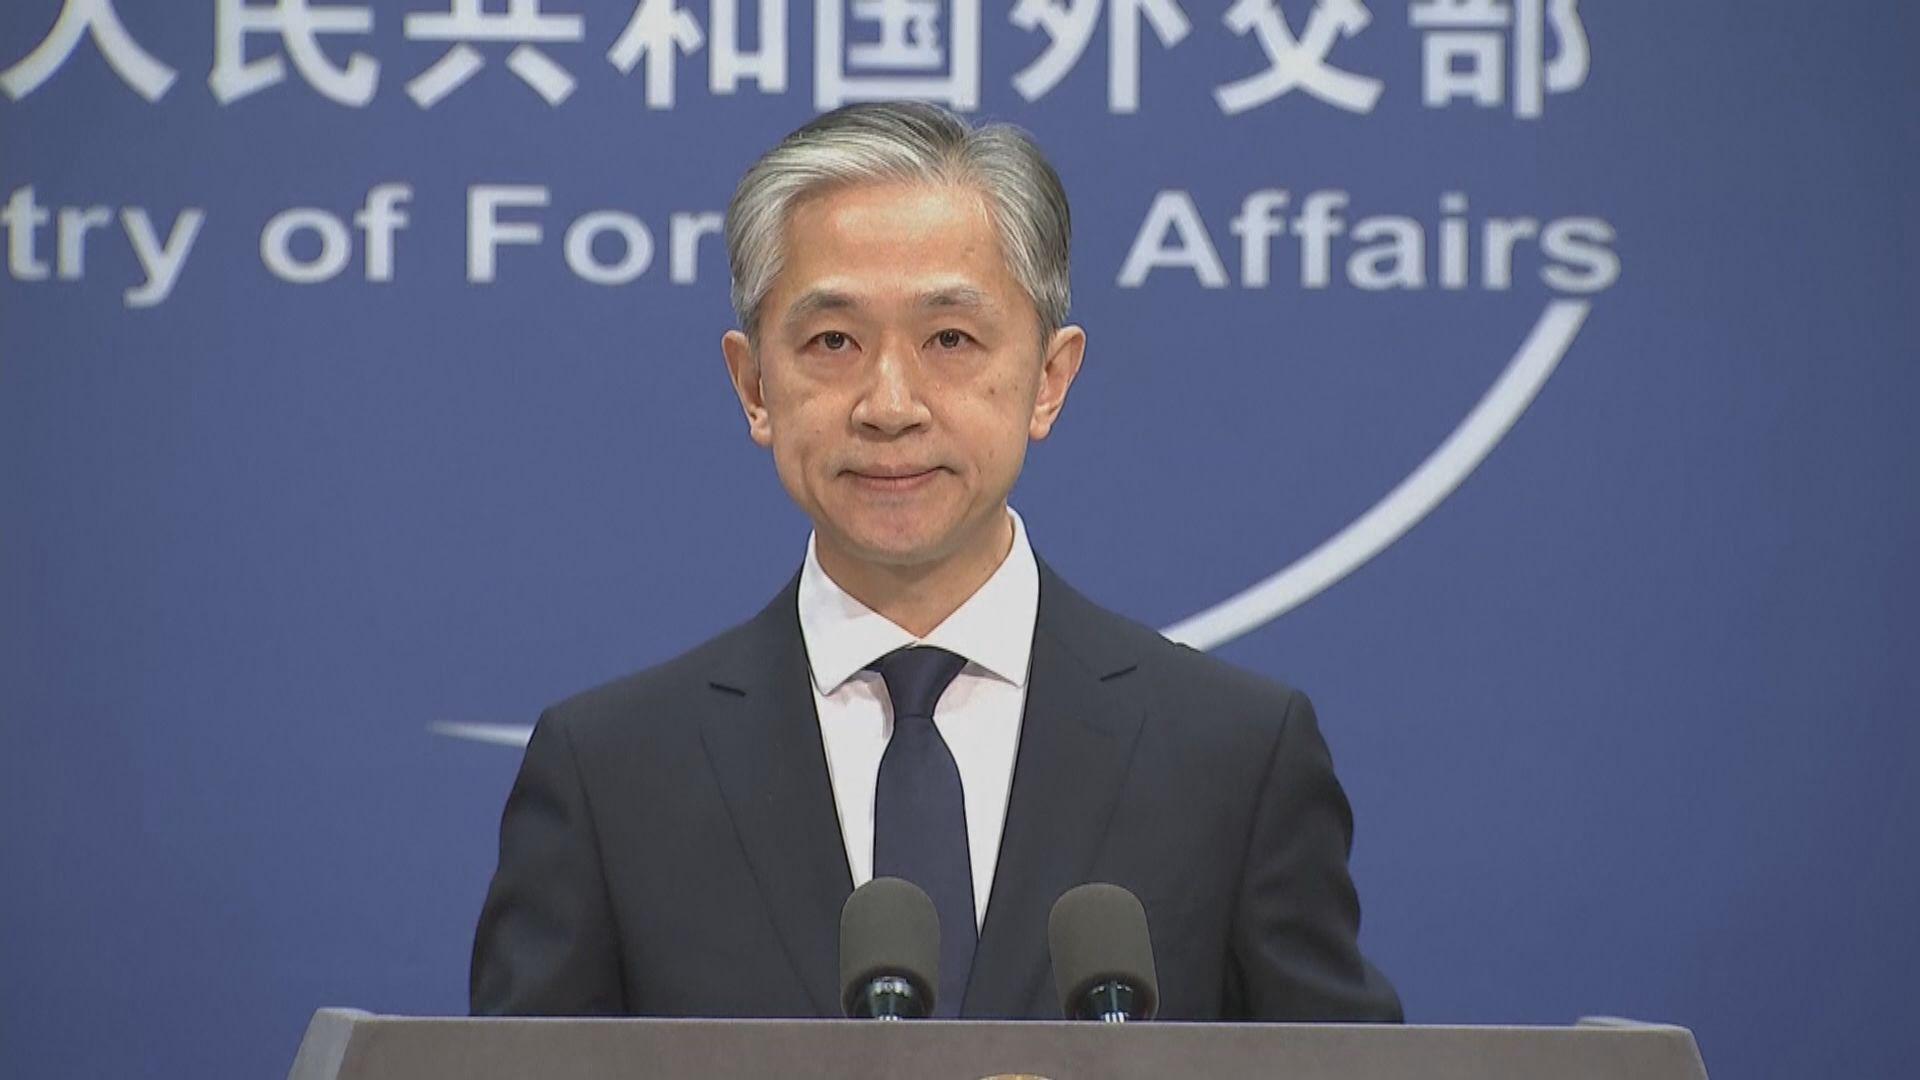 外交部祝賀拜登當選美國總統 是中國官方首次明確表態